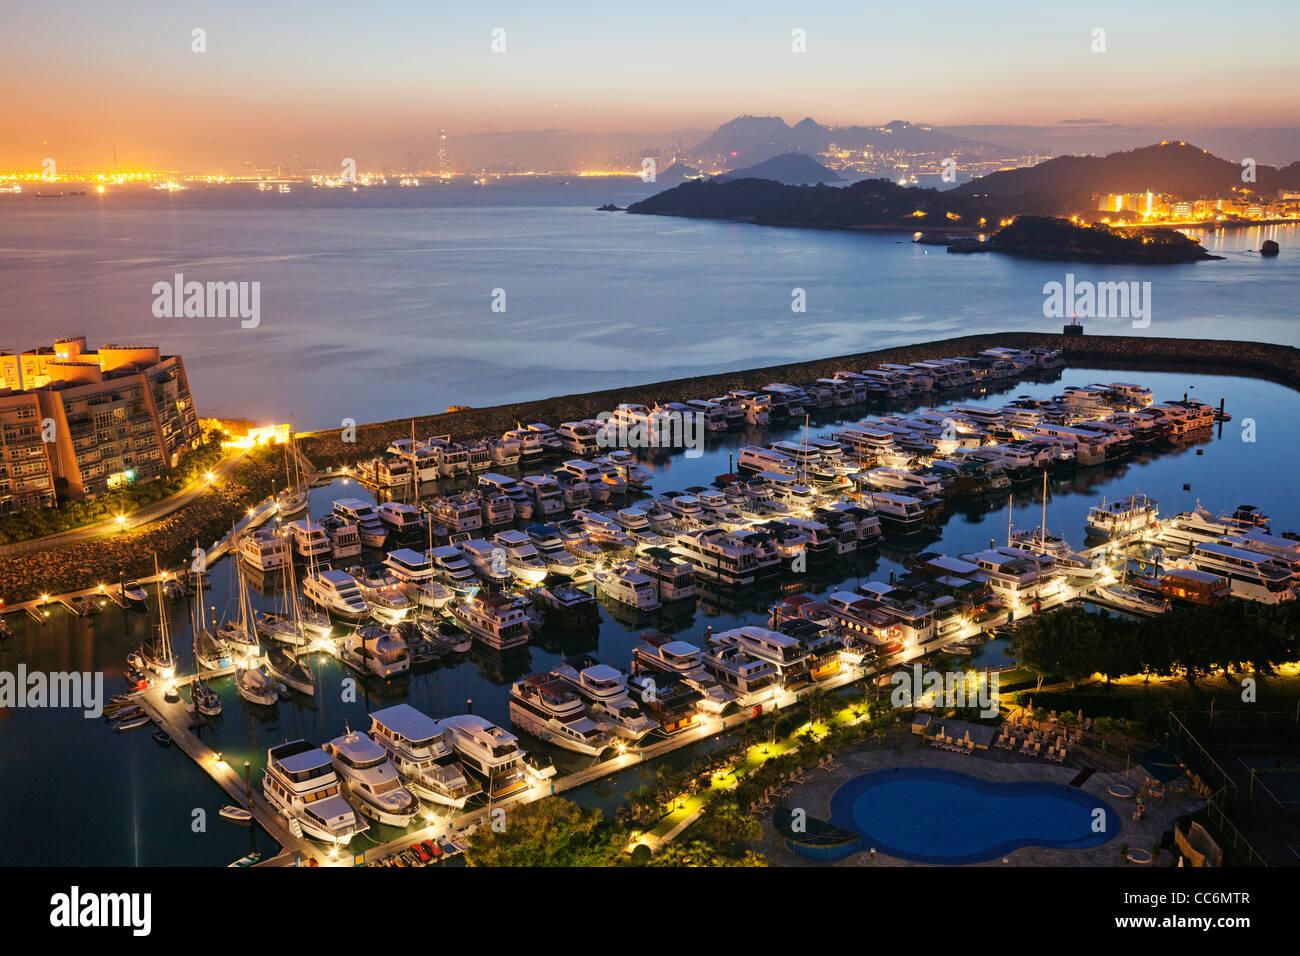 China, Hong Kong, Lantau, Discovery Bay, Discovery Bay Marina Club - Stock Image